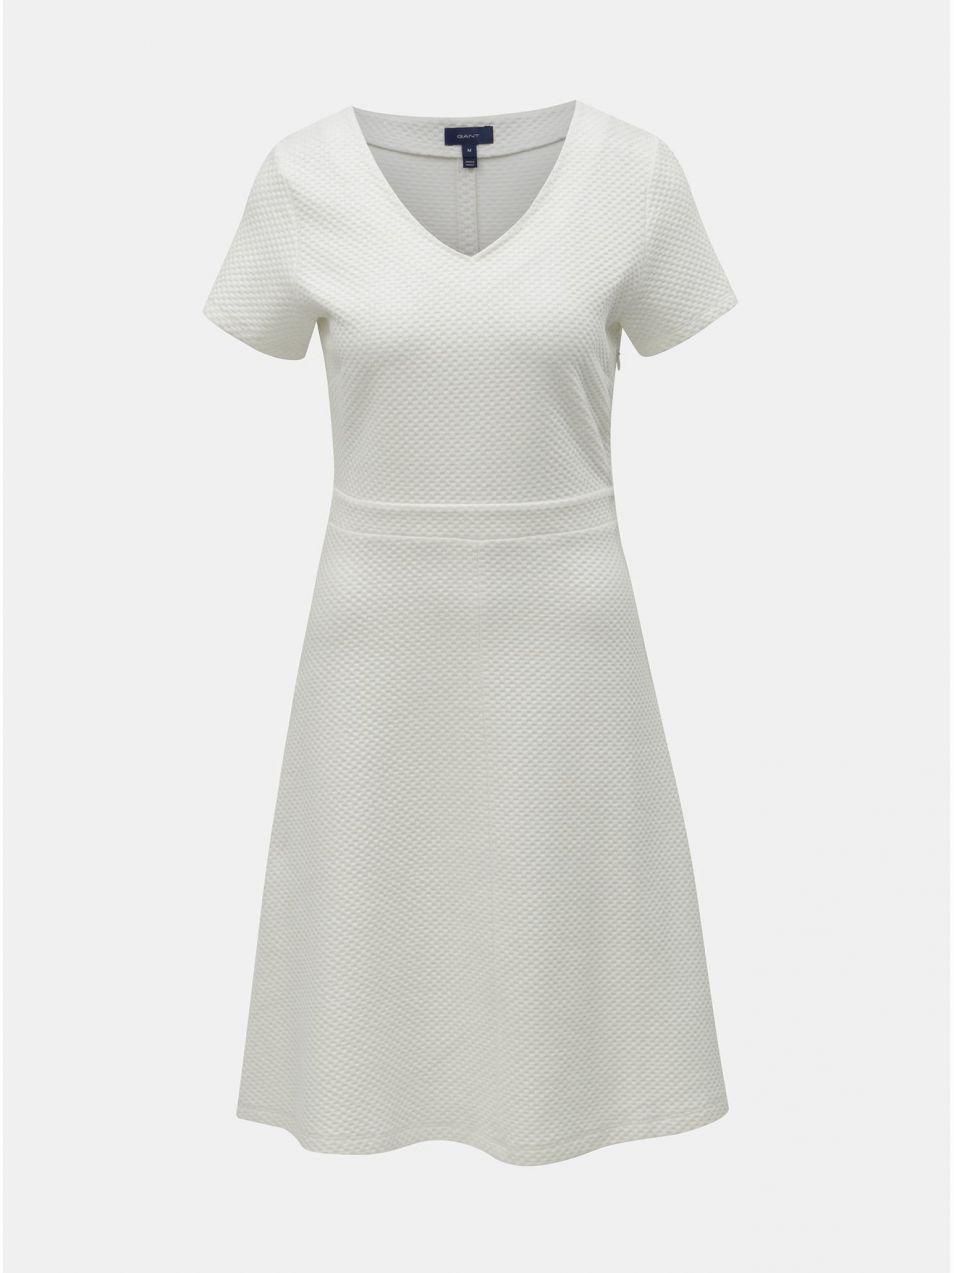 9fc618077be4 Krémové šaty s krátkym rukávom GANT značky Gant - Lovely.sk